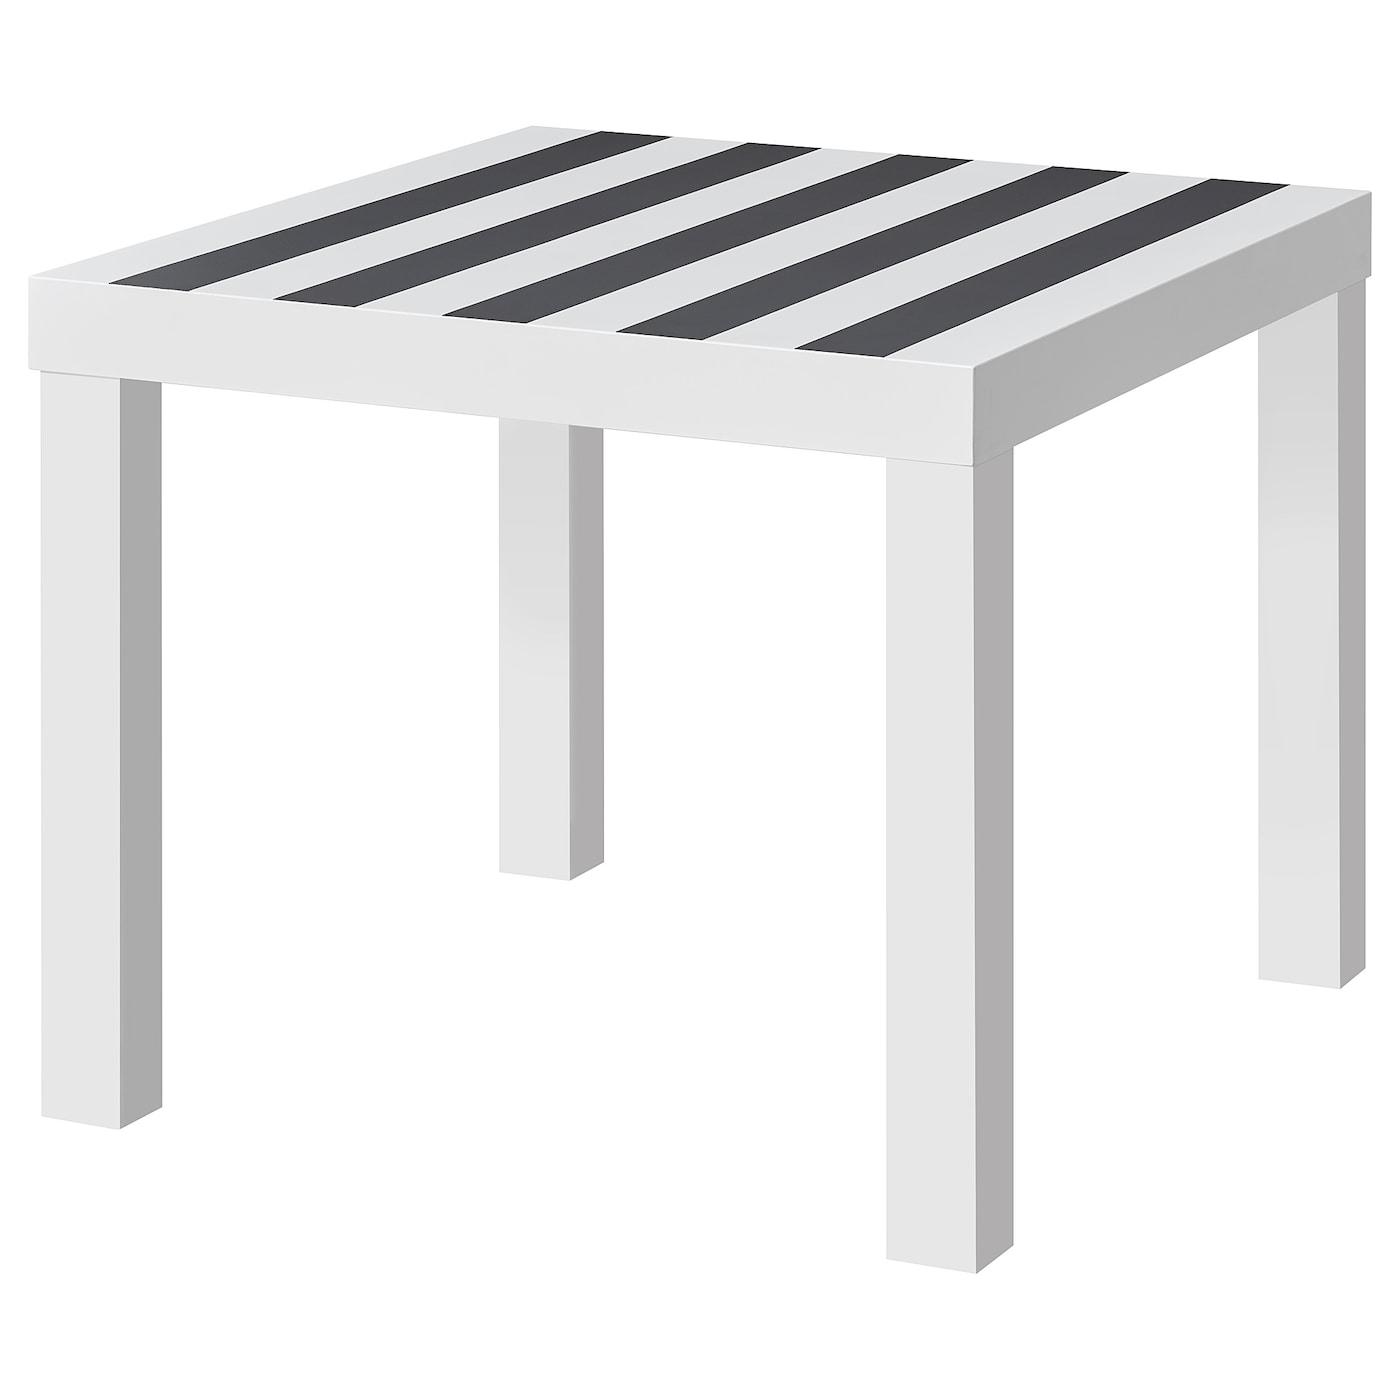 Design Kleine Tafeltjes.Bijzettafels Landelijk Houten Zwart Wit Glazen Design